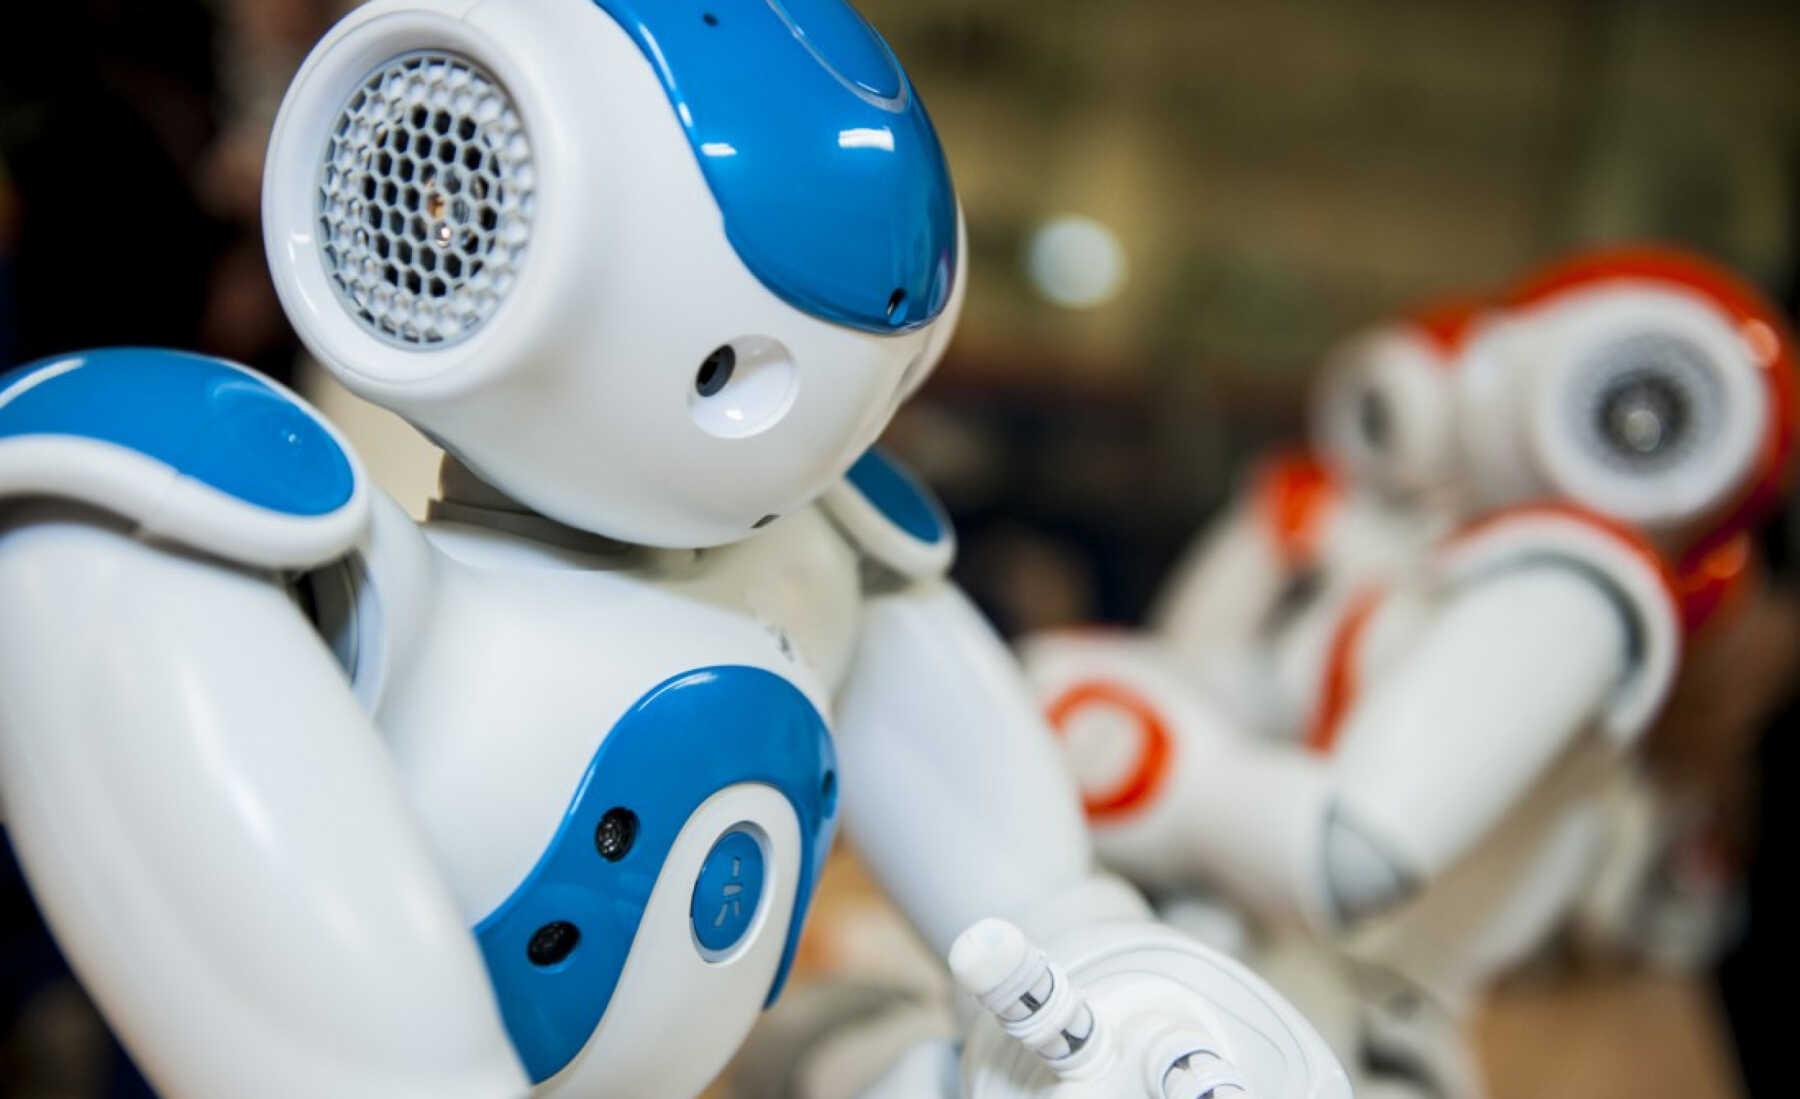 Brubotics robots